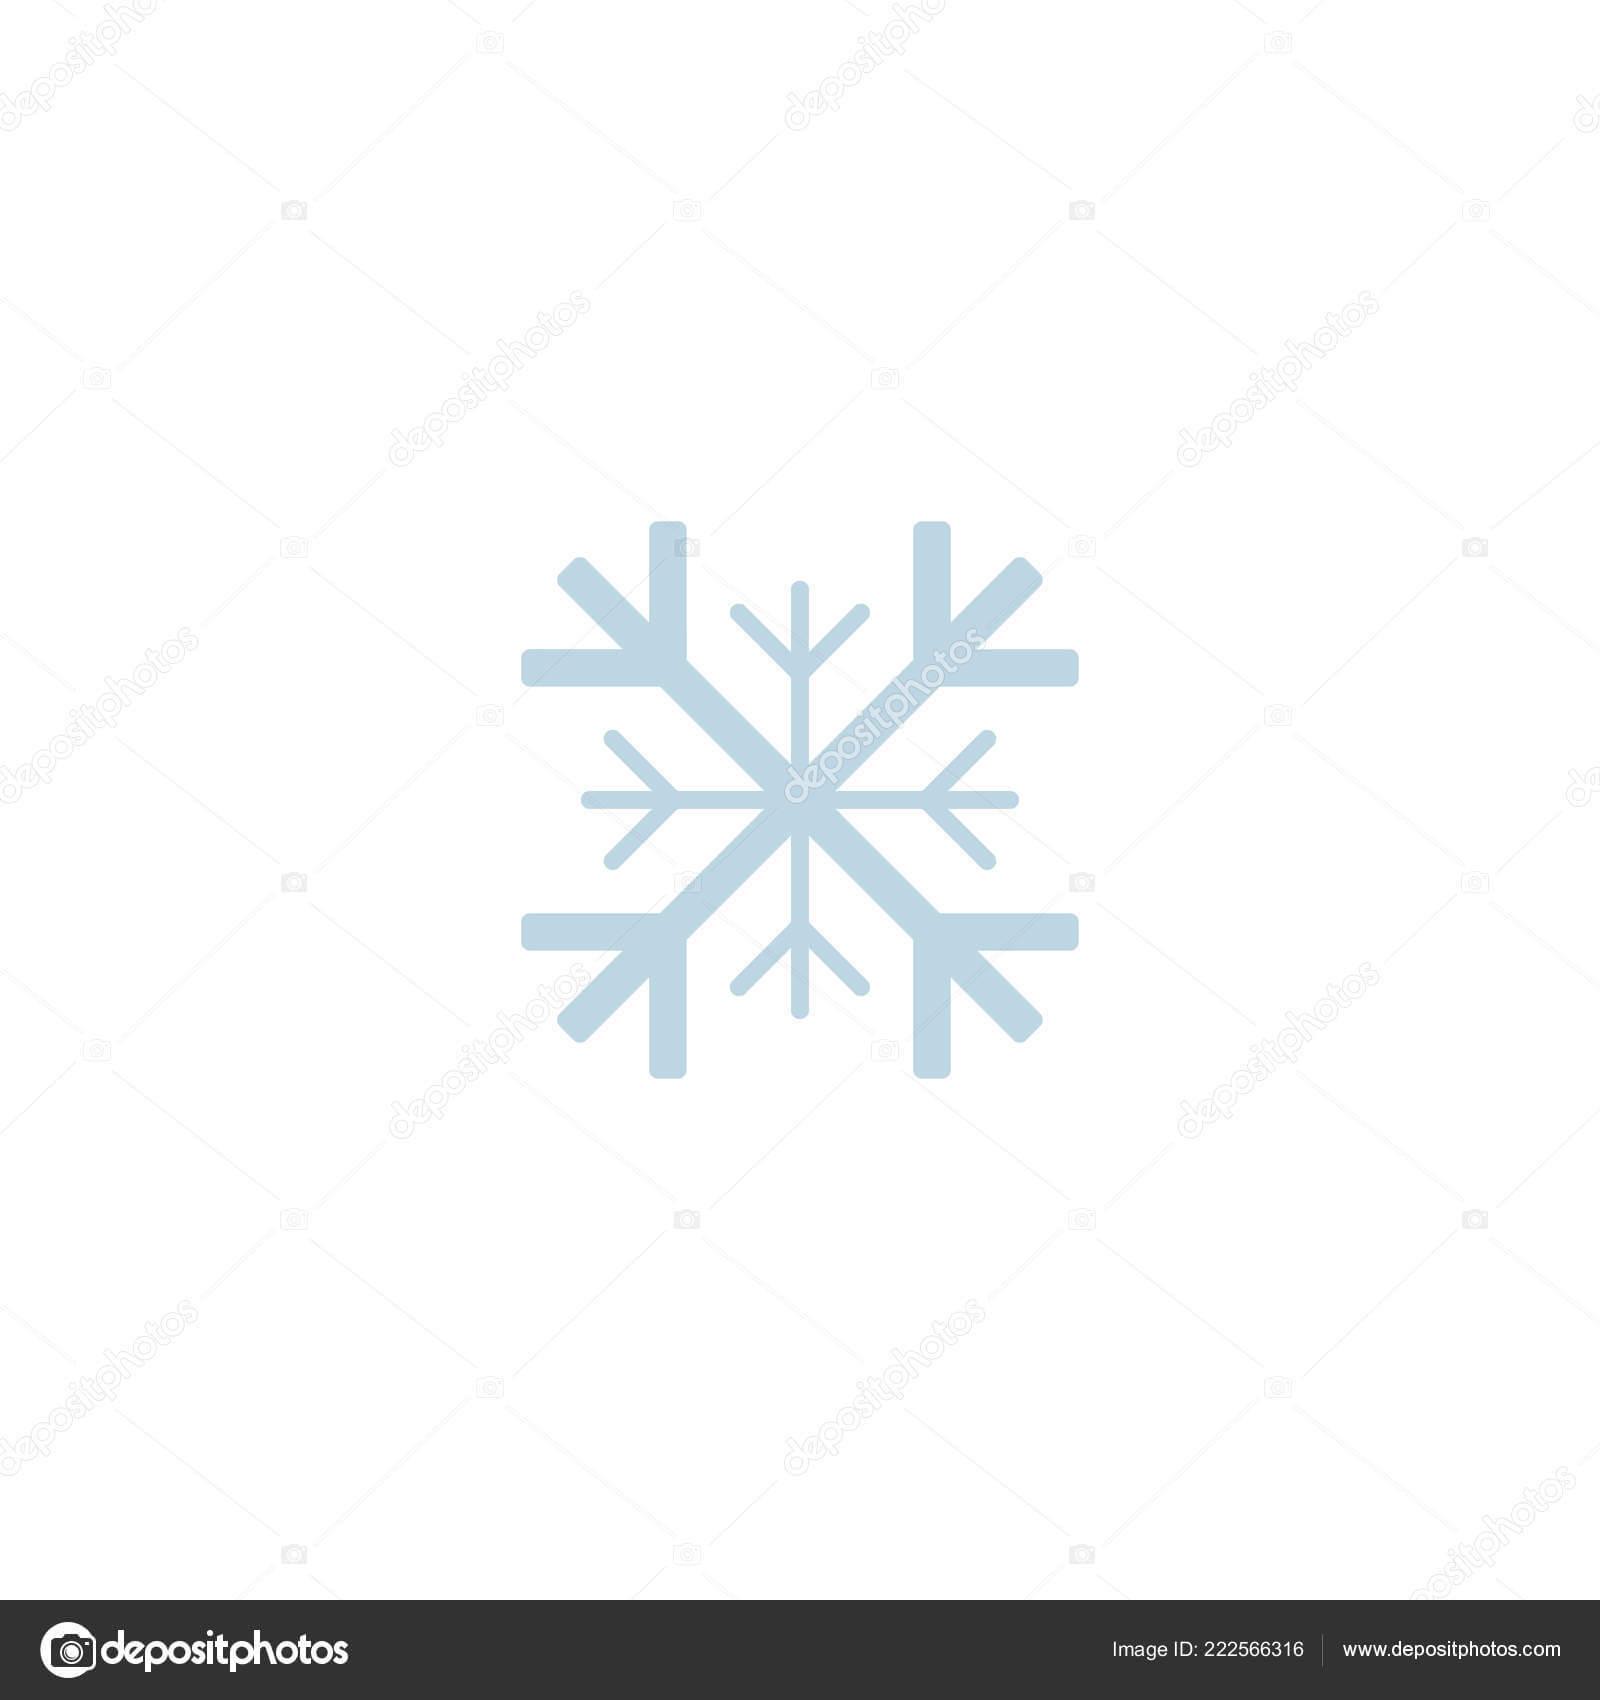 Blank Snowflake Template | Snowflake Icon Template Christmas Intended For Blank Snowflake Template